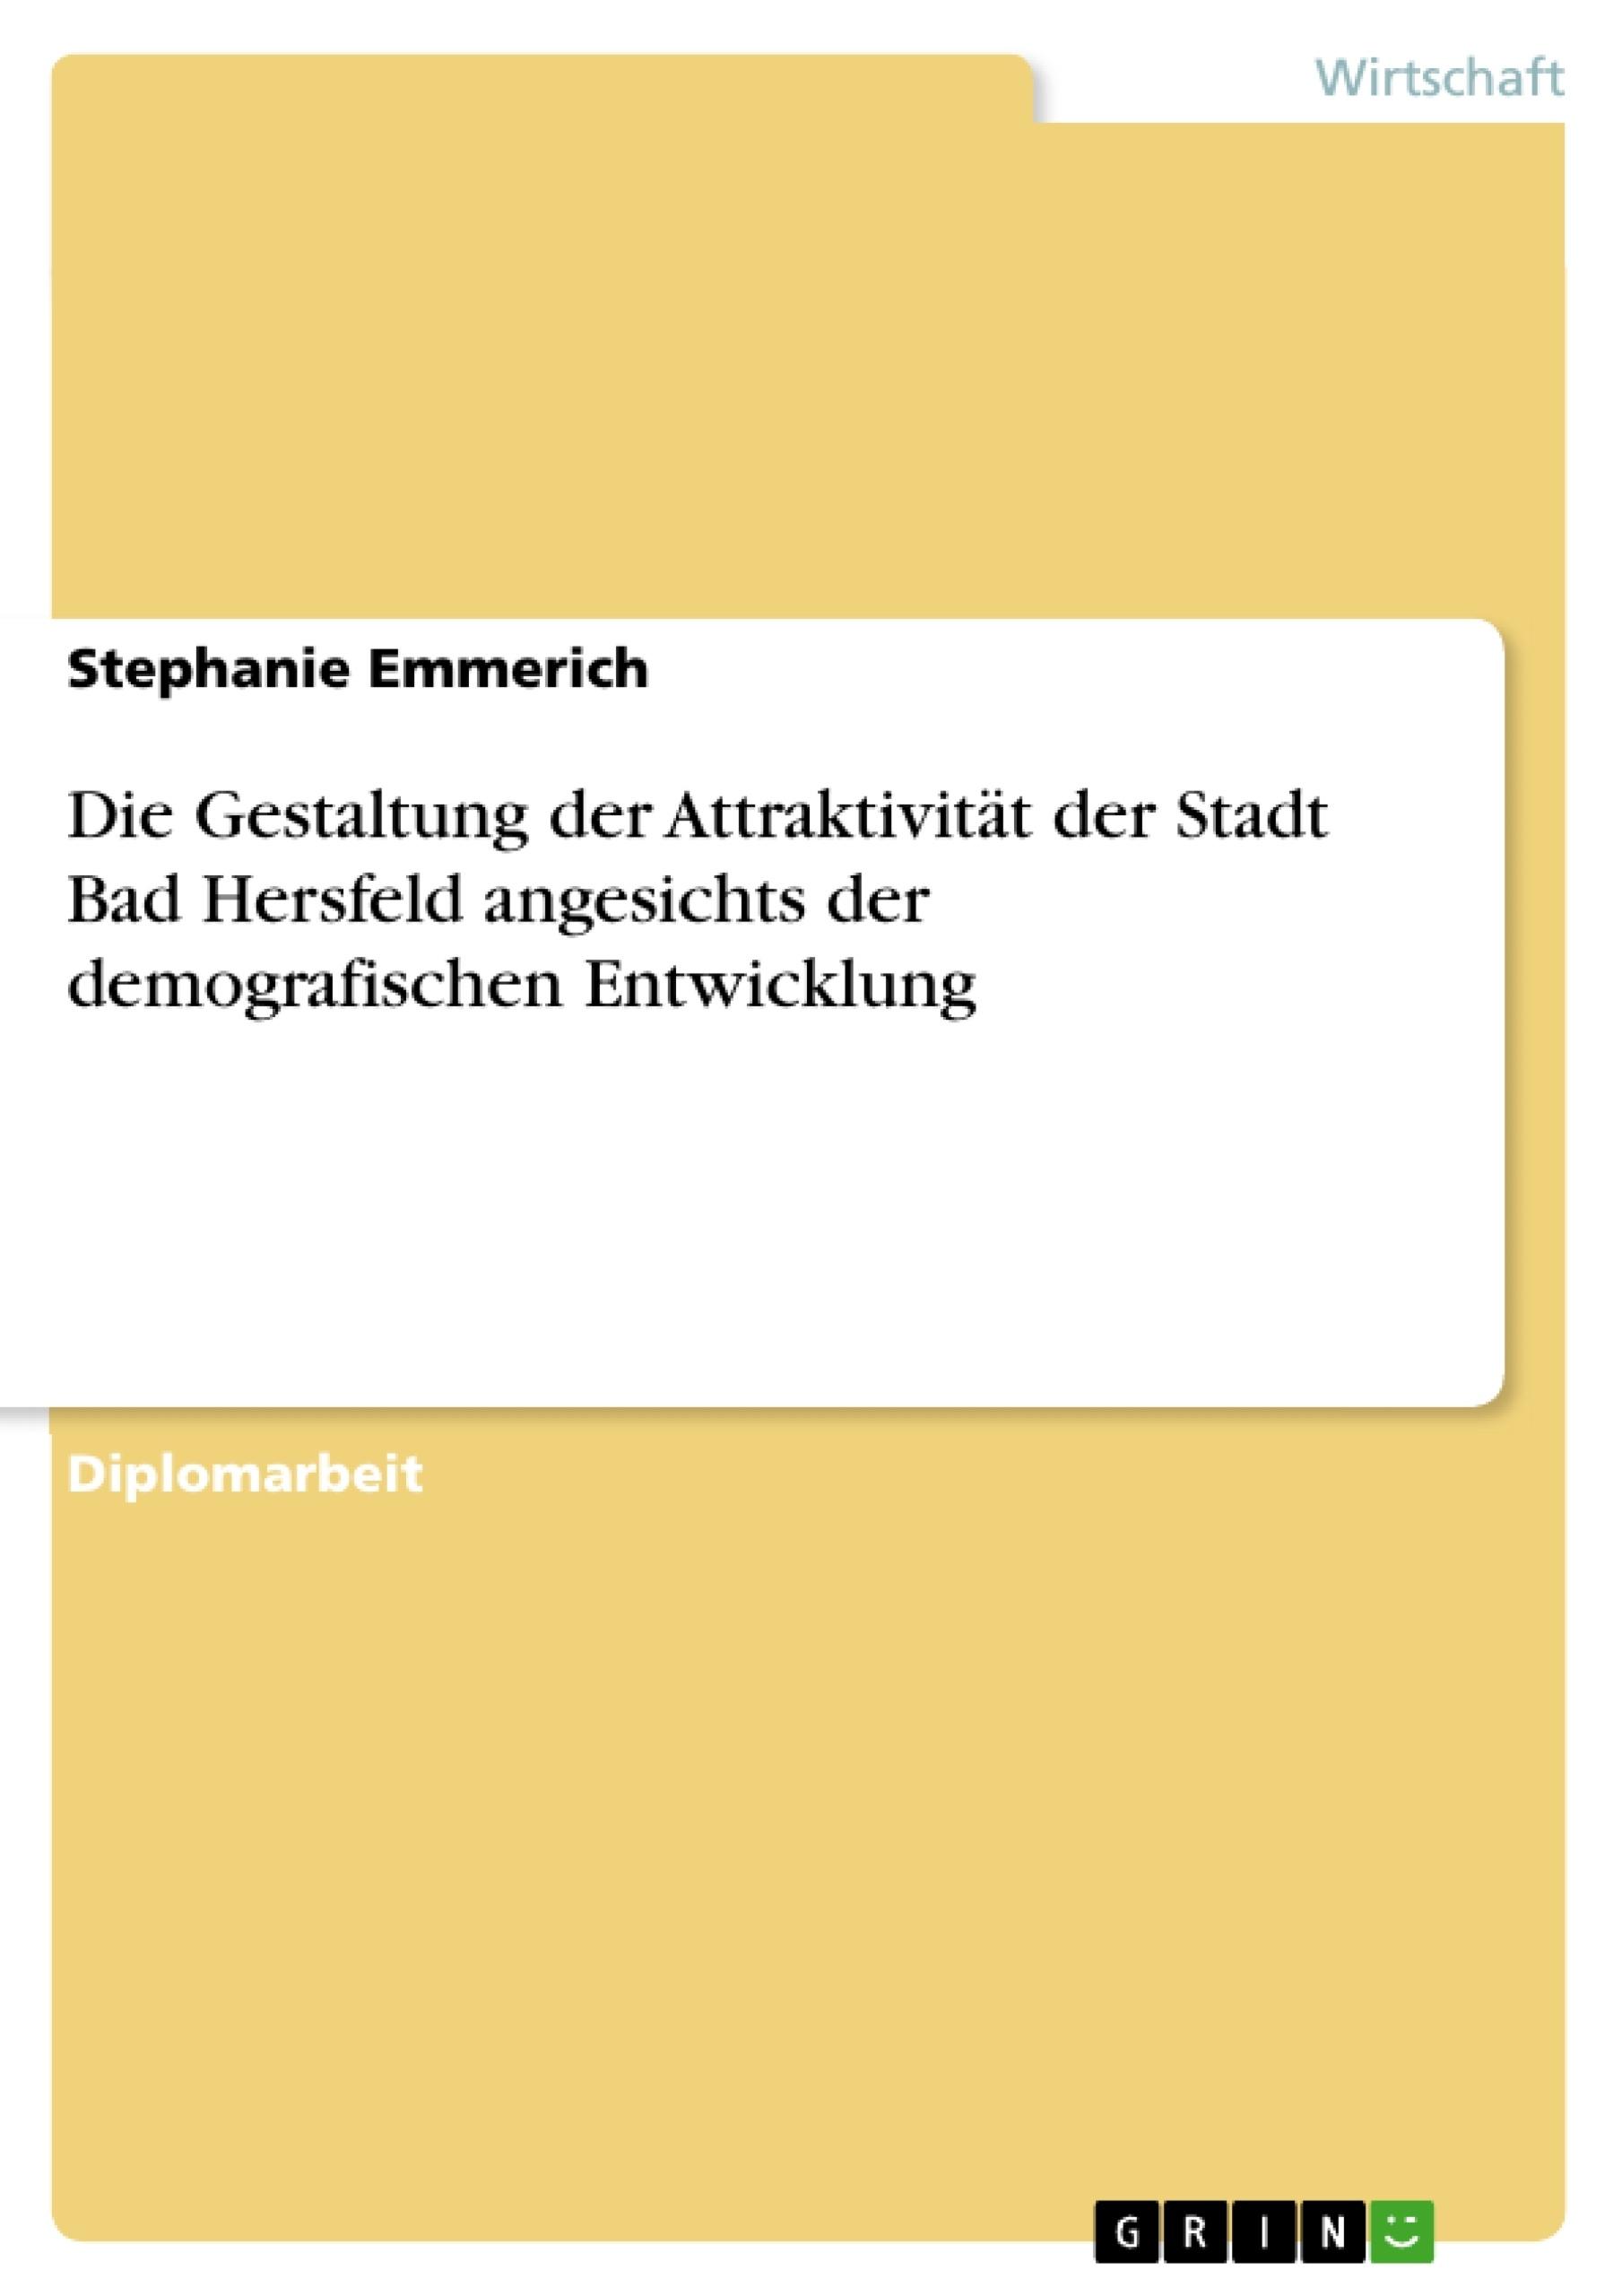 Titel: Die Gestaltung der Attraktivität der Stadt Bad Hersfeld angesichts der demografischen Entwicklung